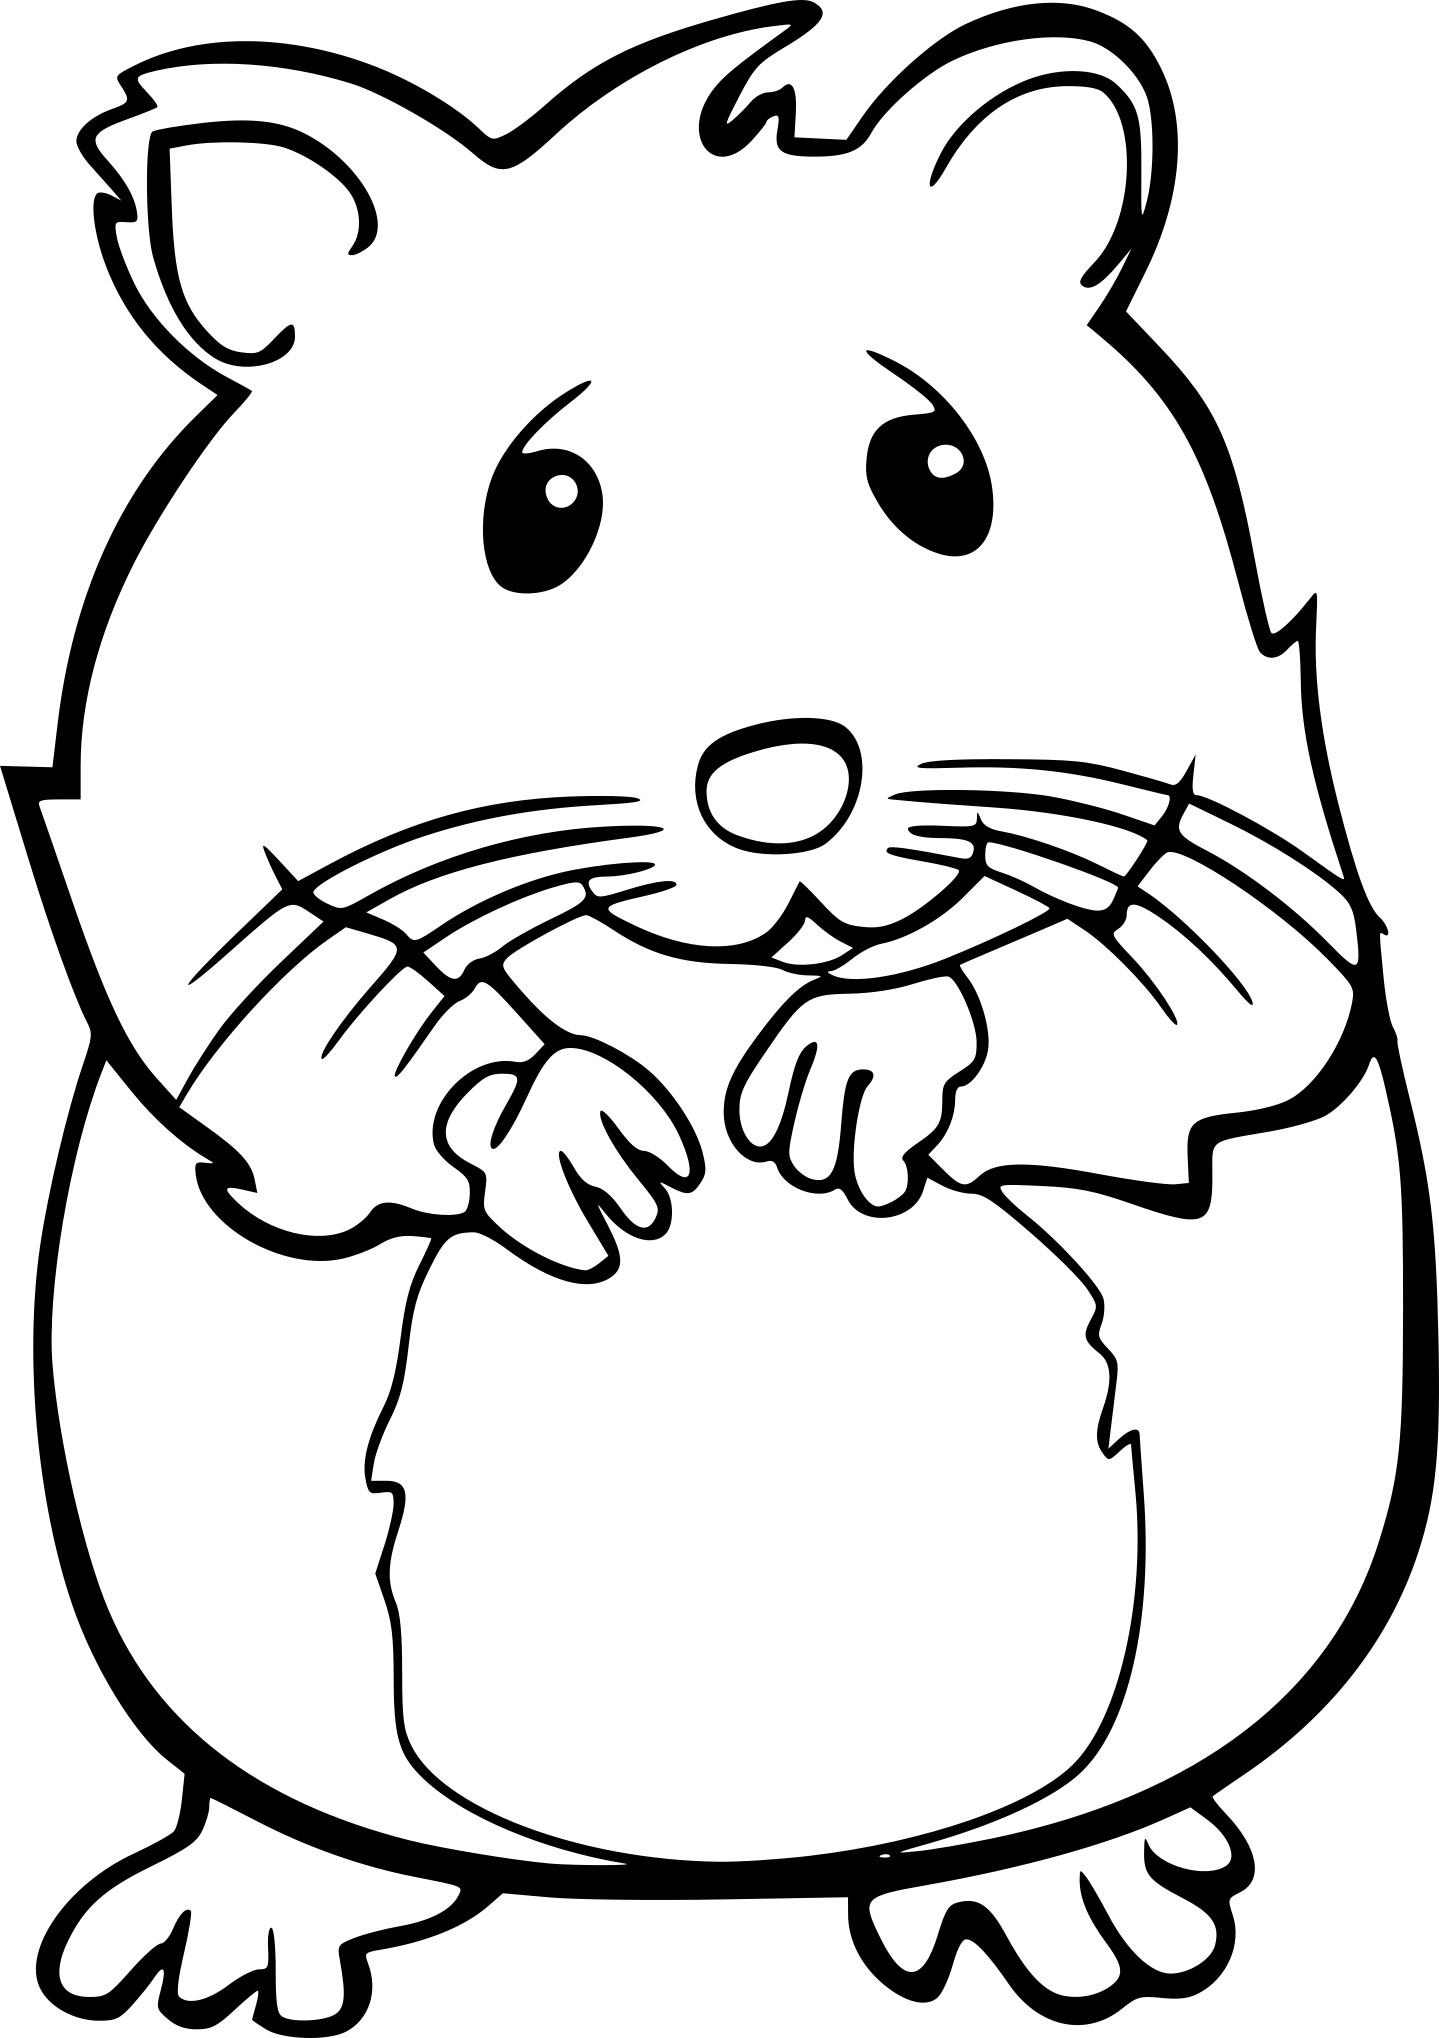 Coloriage Hamster À Imprimer intérieur Coloriage Facile À Imprimer